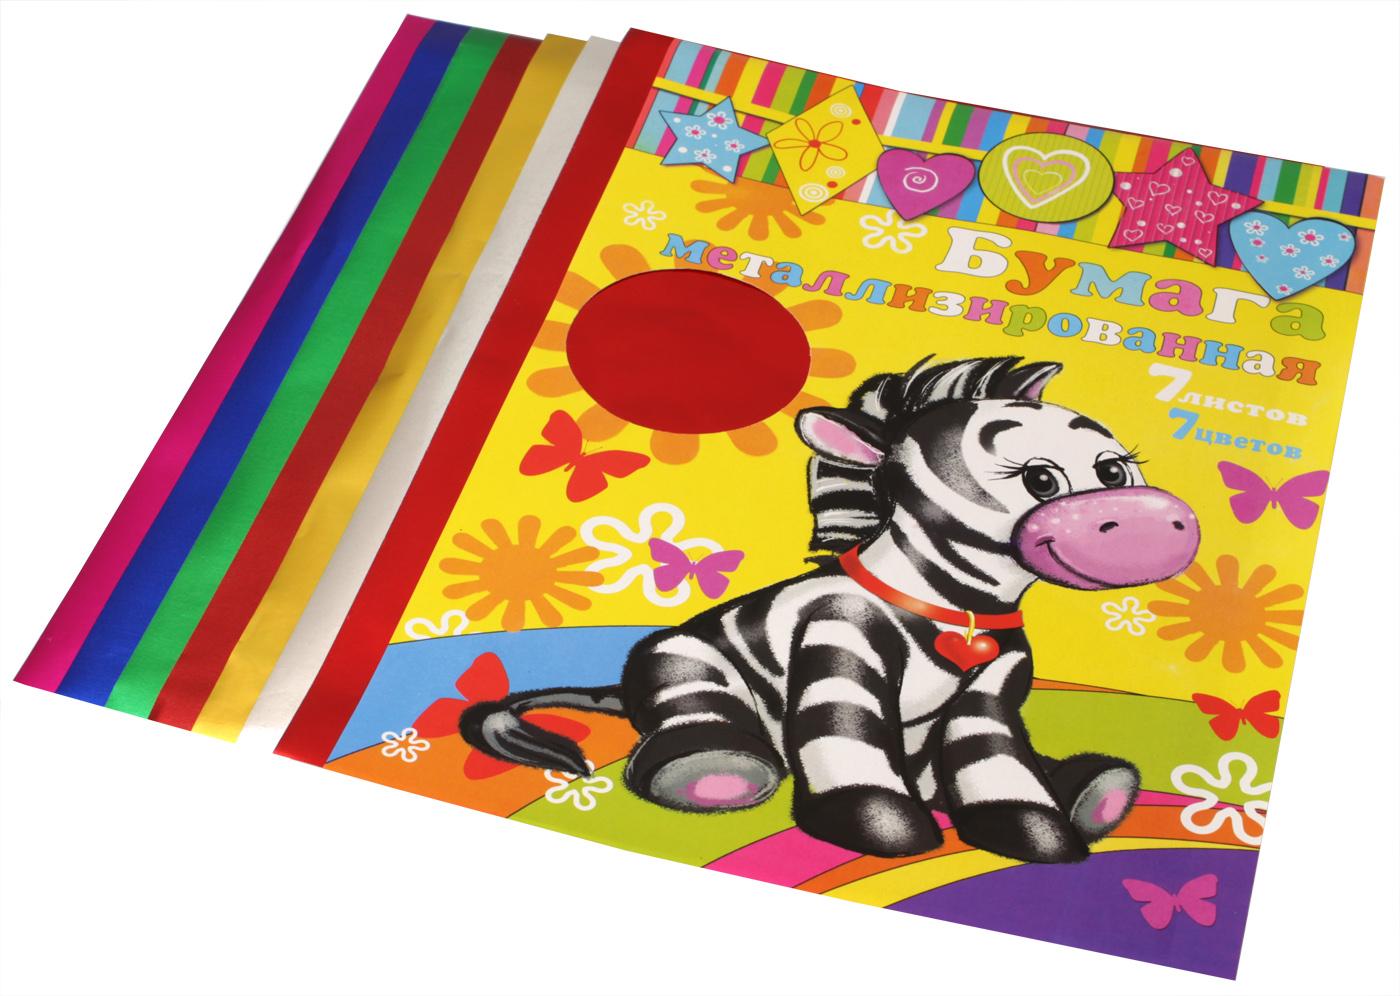 Феникс+ Металлизированная цветная бумага 7 листов72523WDНабор металлизированной цветной бумаги Феникс+ позволит создавать всевозможные аппликации и поделки. Набор включает 7 листов металлизированной цветной односторонней бумаги формата А4, изготовленной из алюминиевой фольги на бумажной основе.Такая бумага может использоваться для упаковки, поделок, декорирования и других видов творчества.